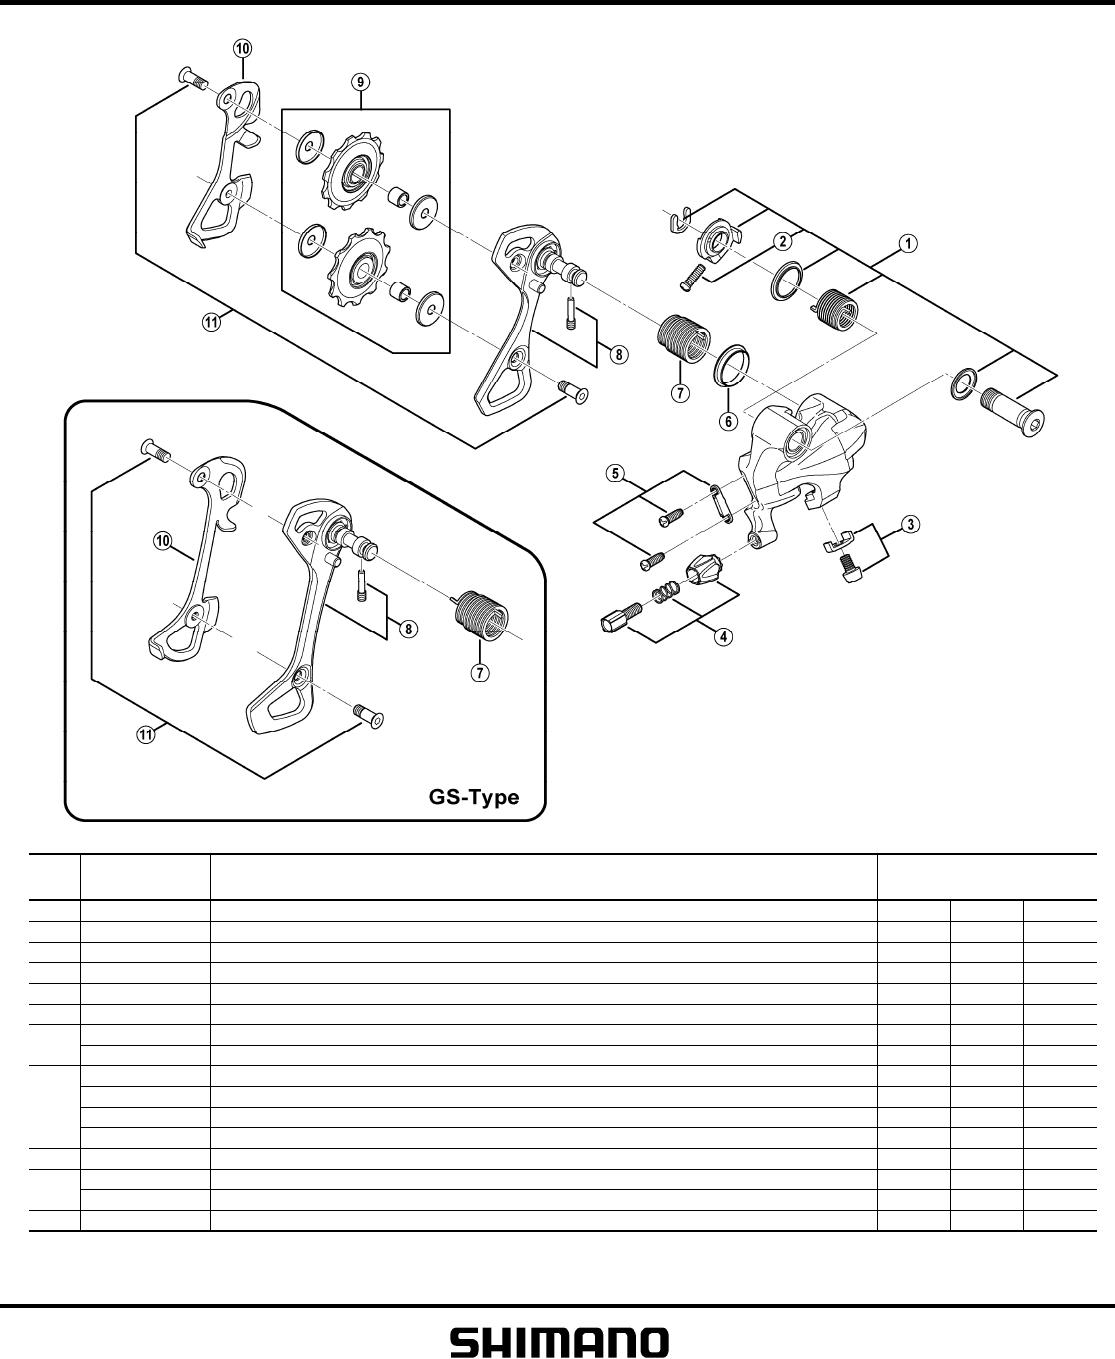 shimano altus rear derailleur manual